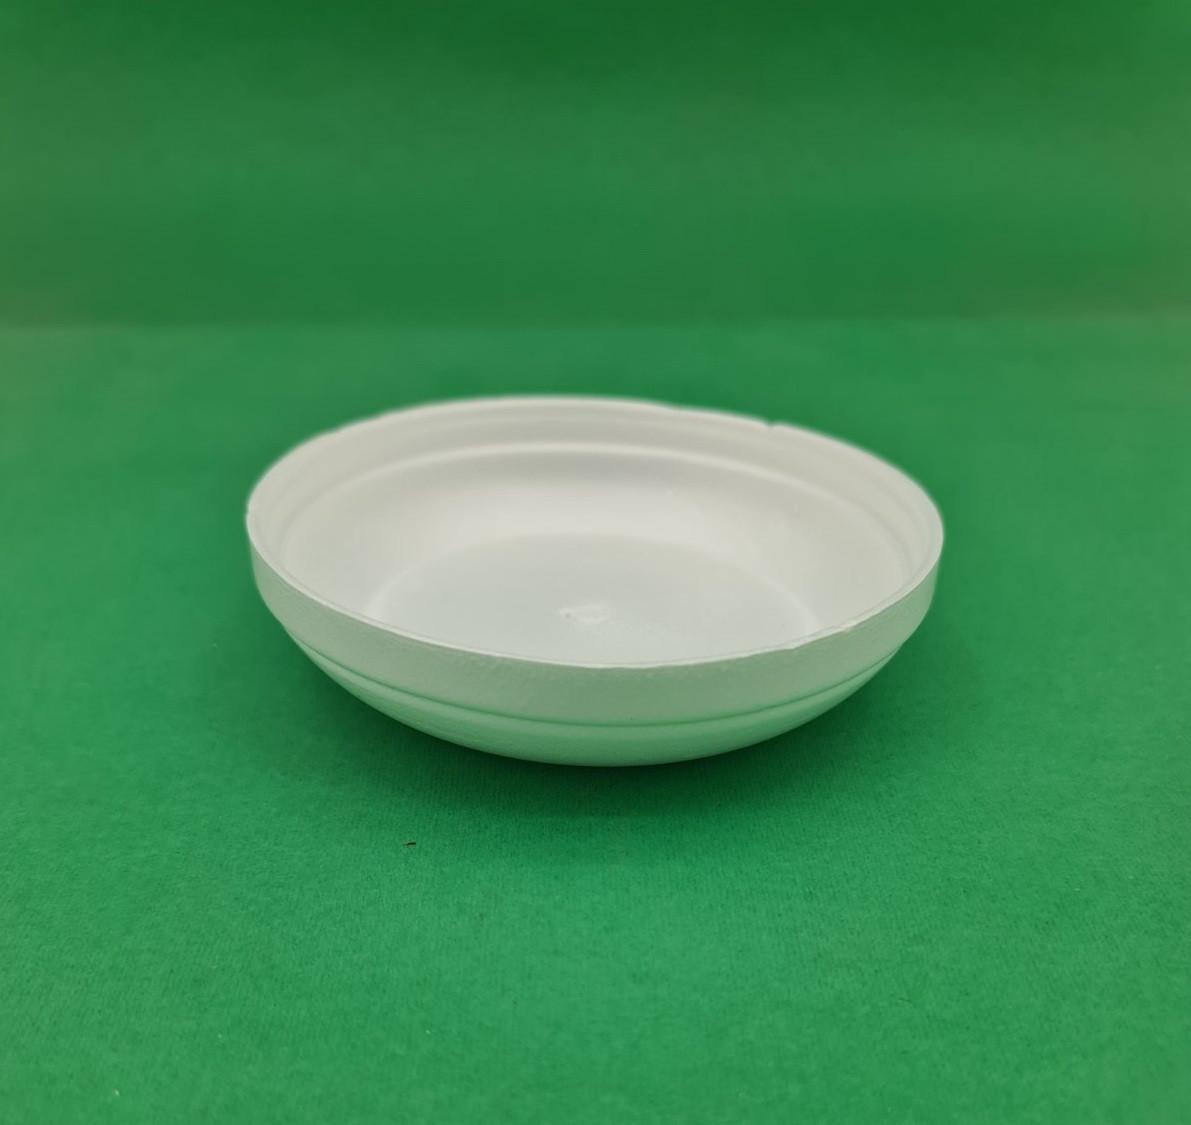 Крышка из вспененного полистирола к суповым емкостям к супной емкости 330мл / 500мл / 650мл 25шт / упак / 500шт / ящ (25 шт)